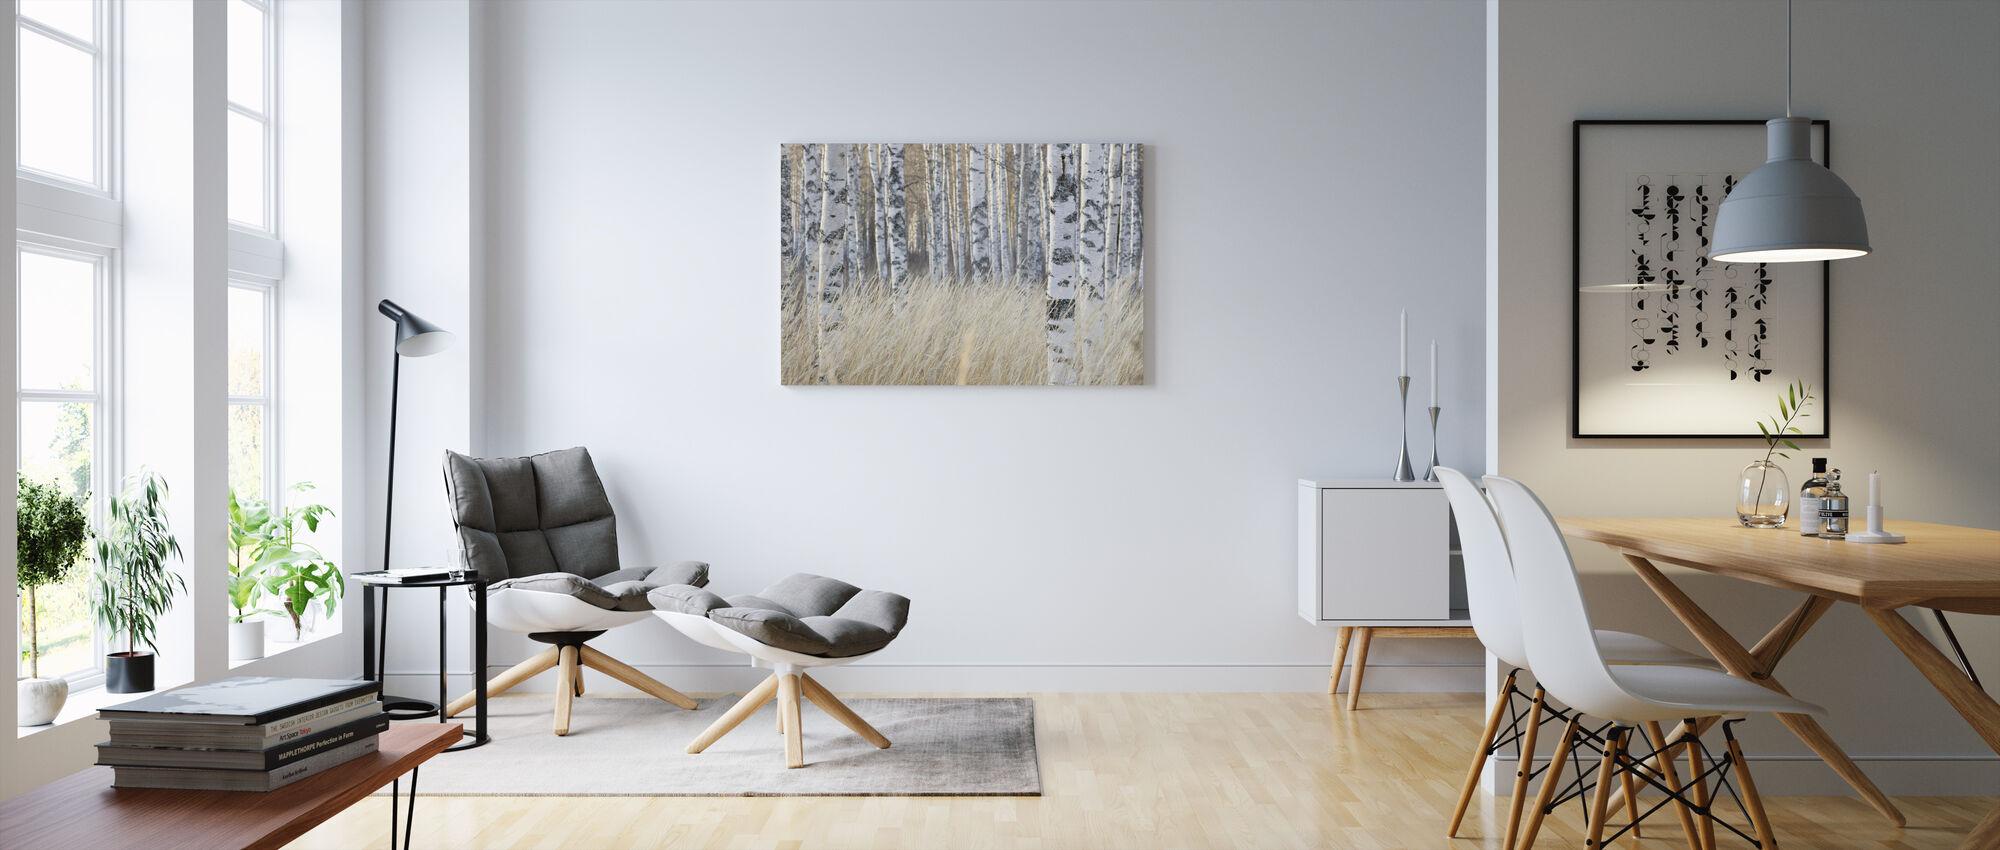 Lys bjørk skog - Lerretsbilde - Stue